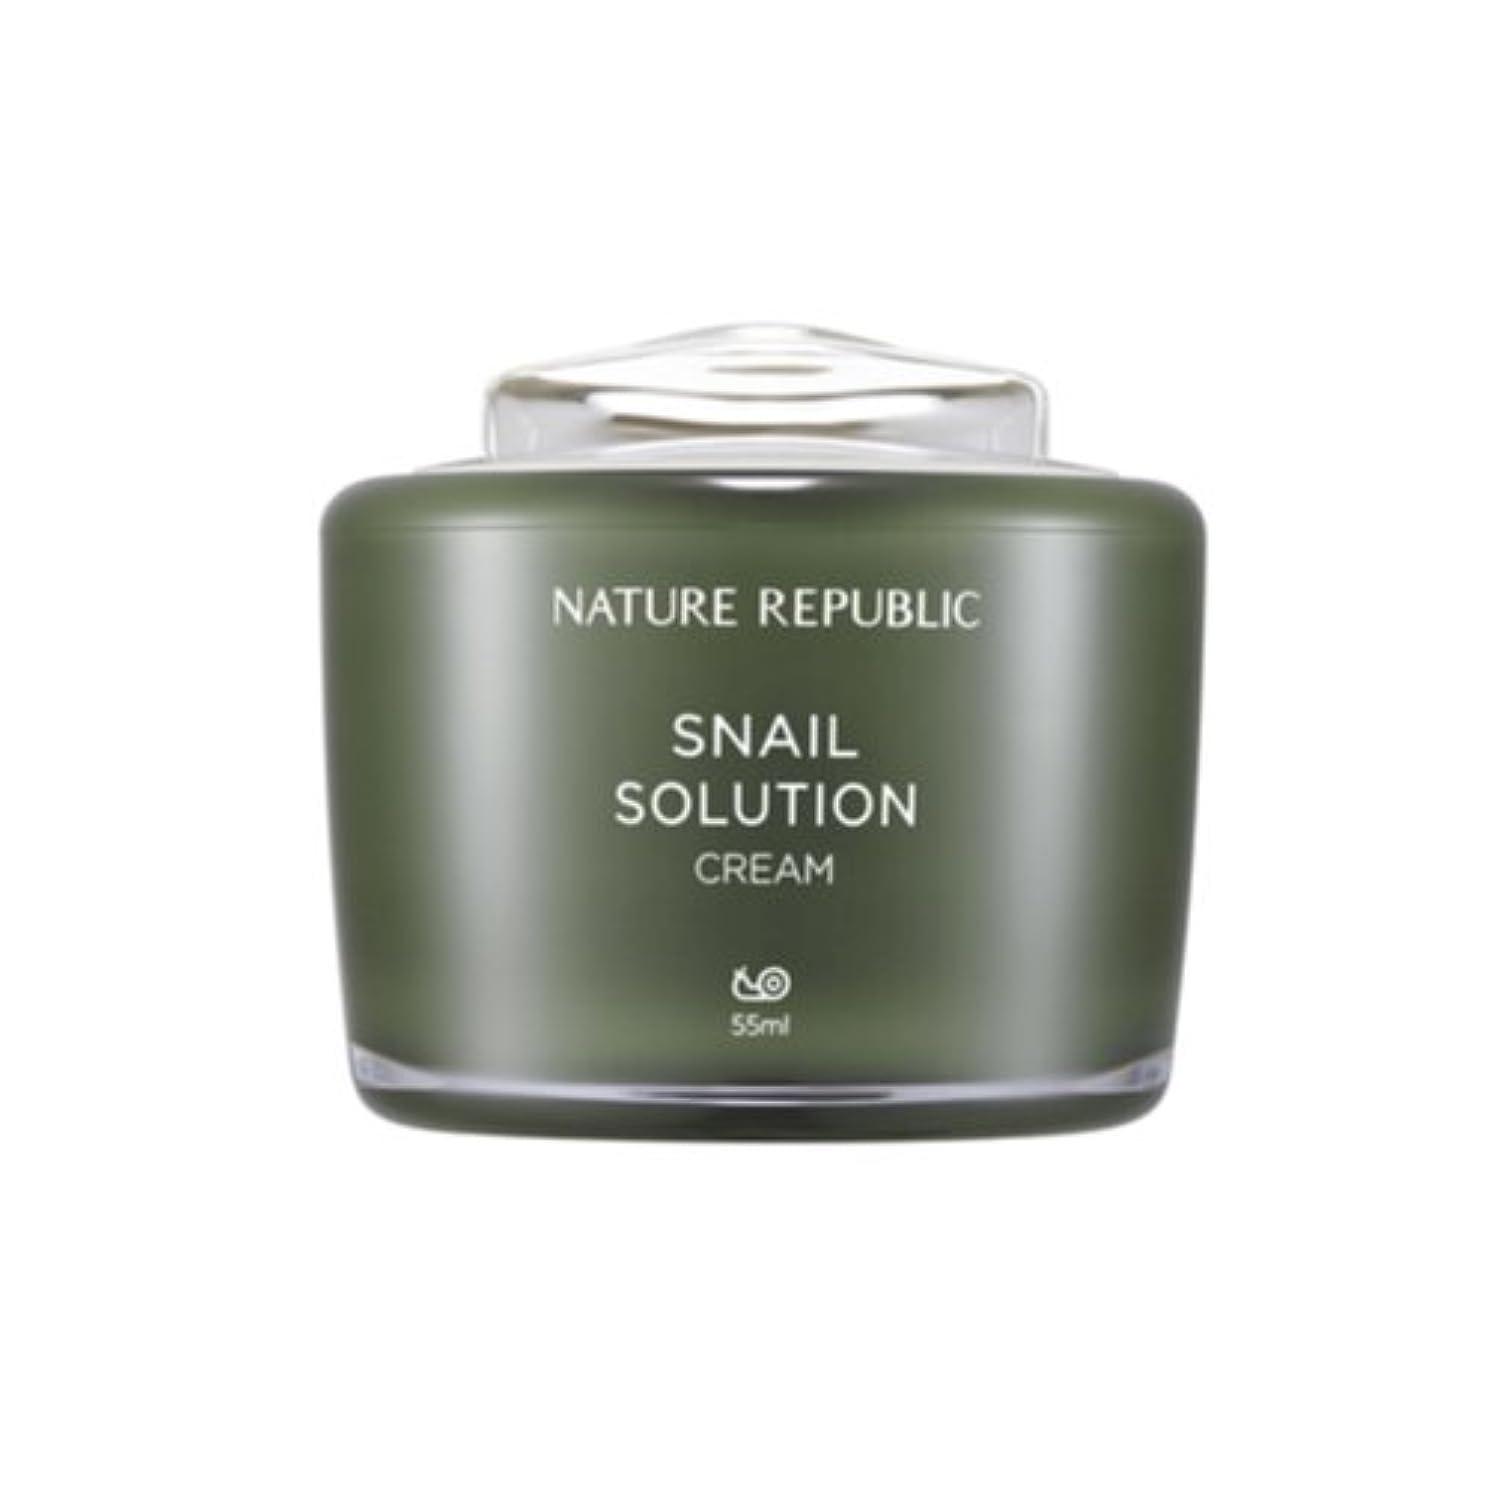 破壊工夫する救援[ネイチャーリパブリック] Nature republicスネイルソリューションクリーム海外直送品(Snail Solution Cream) [並行輸入品]